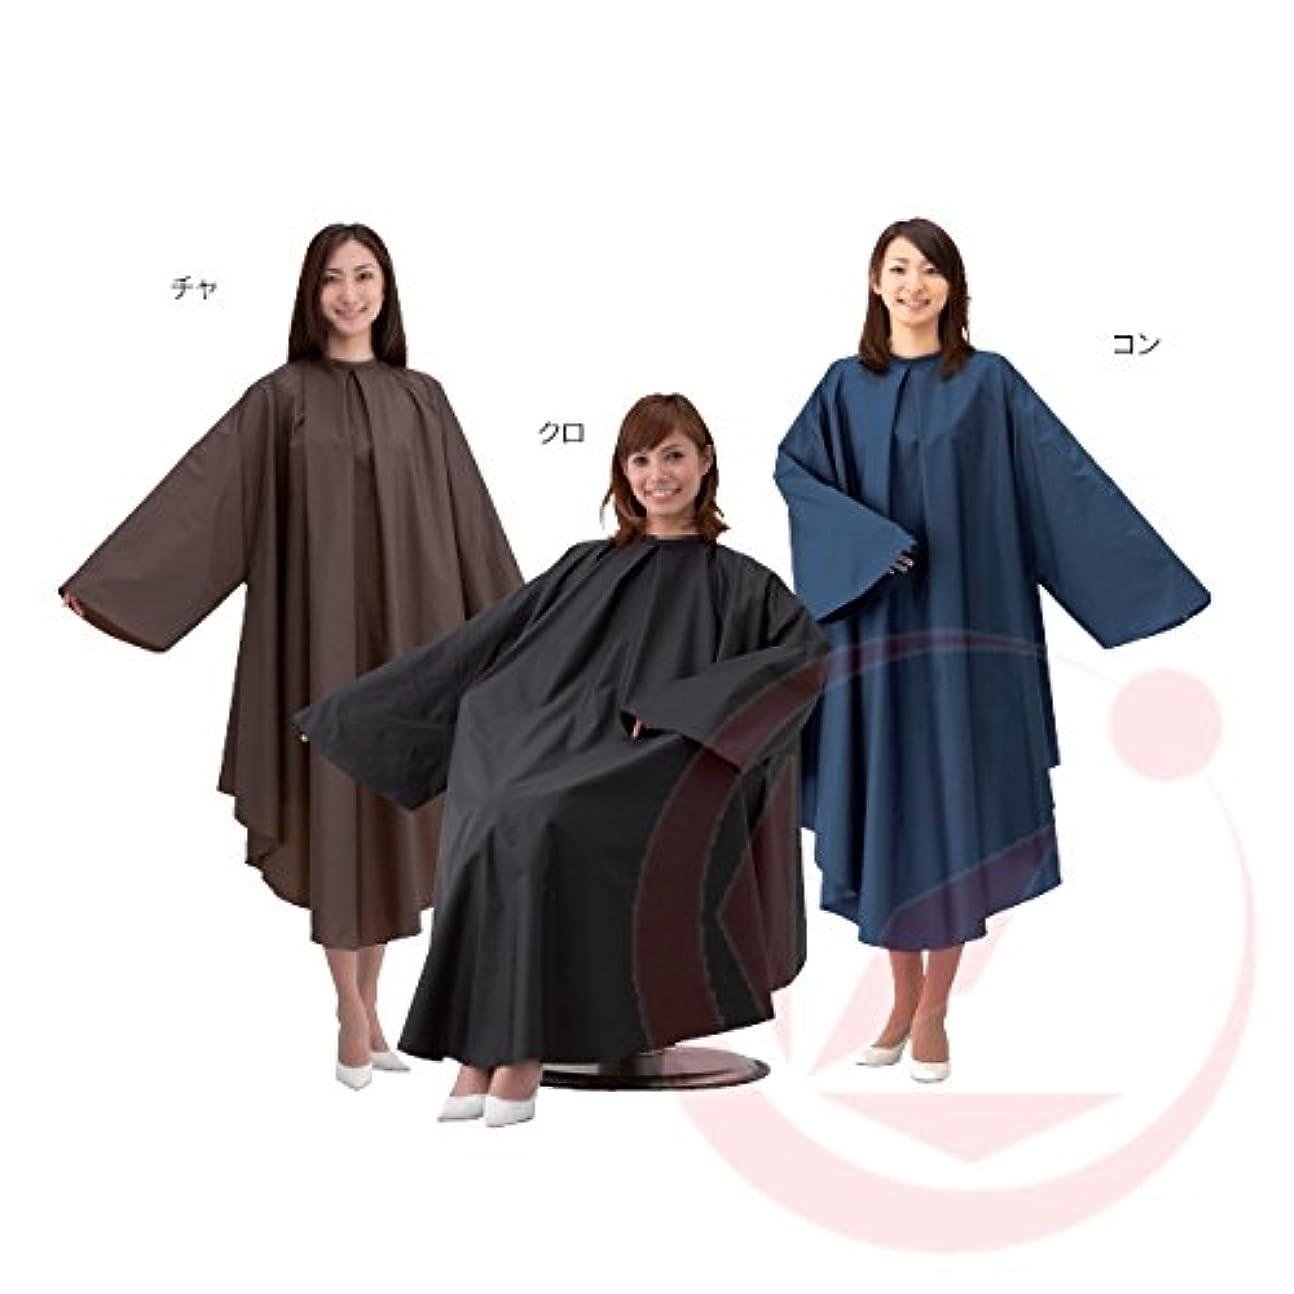 イースタードリル清めるカトレア袖付高密度ナイロンヘアダイクロス1080(ヘアダイ?パーマ用) 黒色